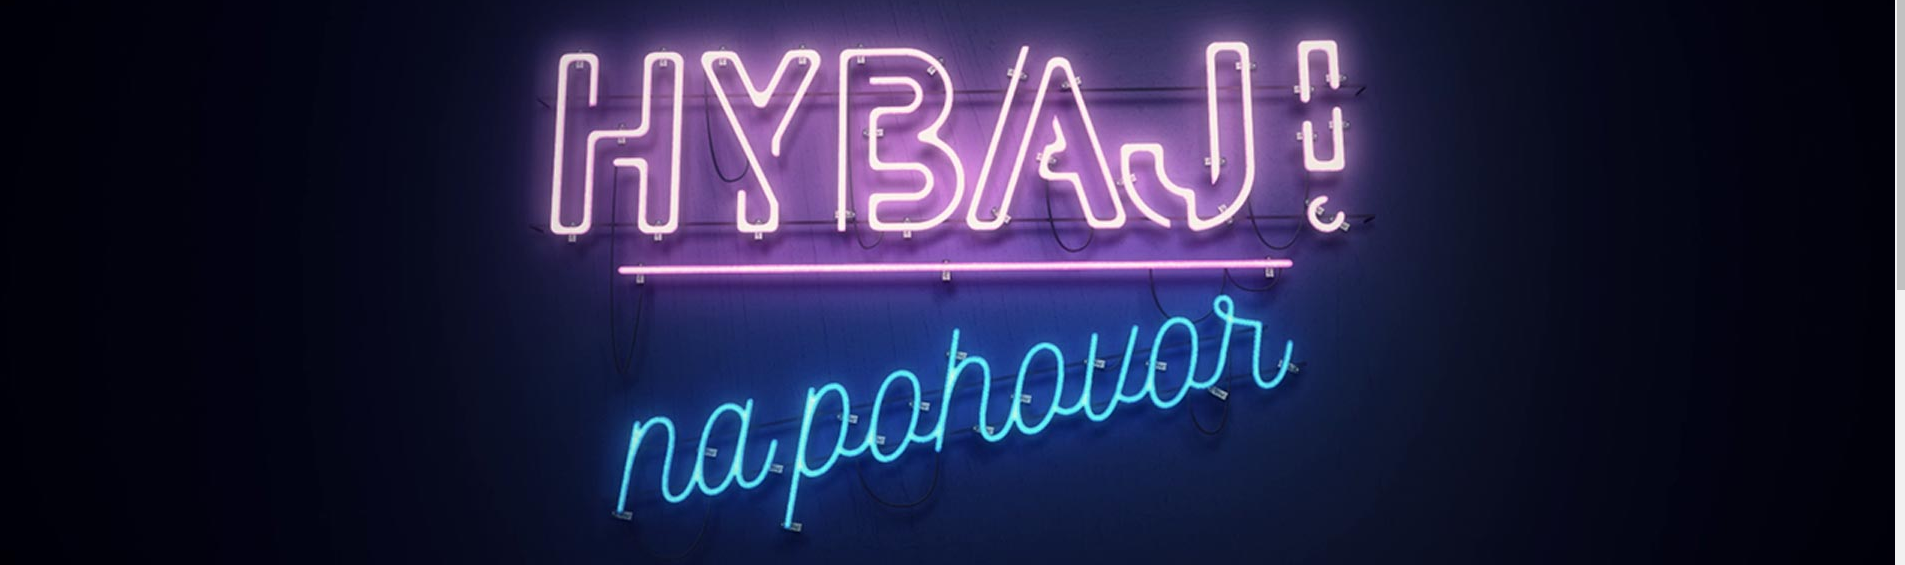 Zdroj: hybaj.sk